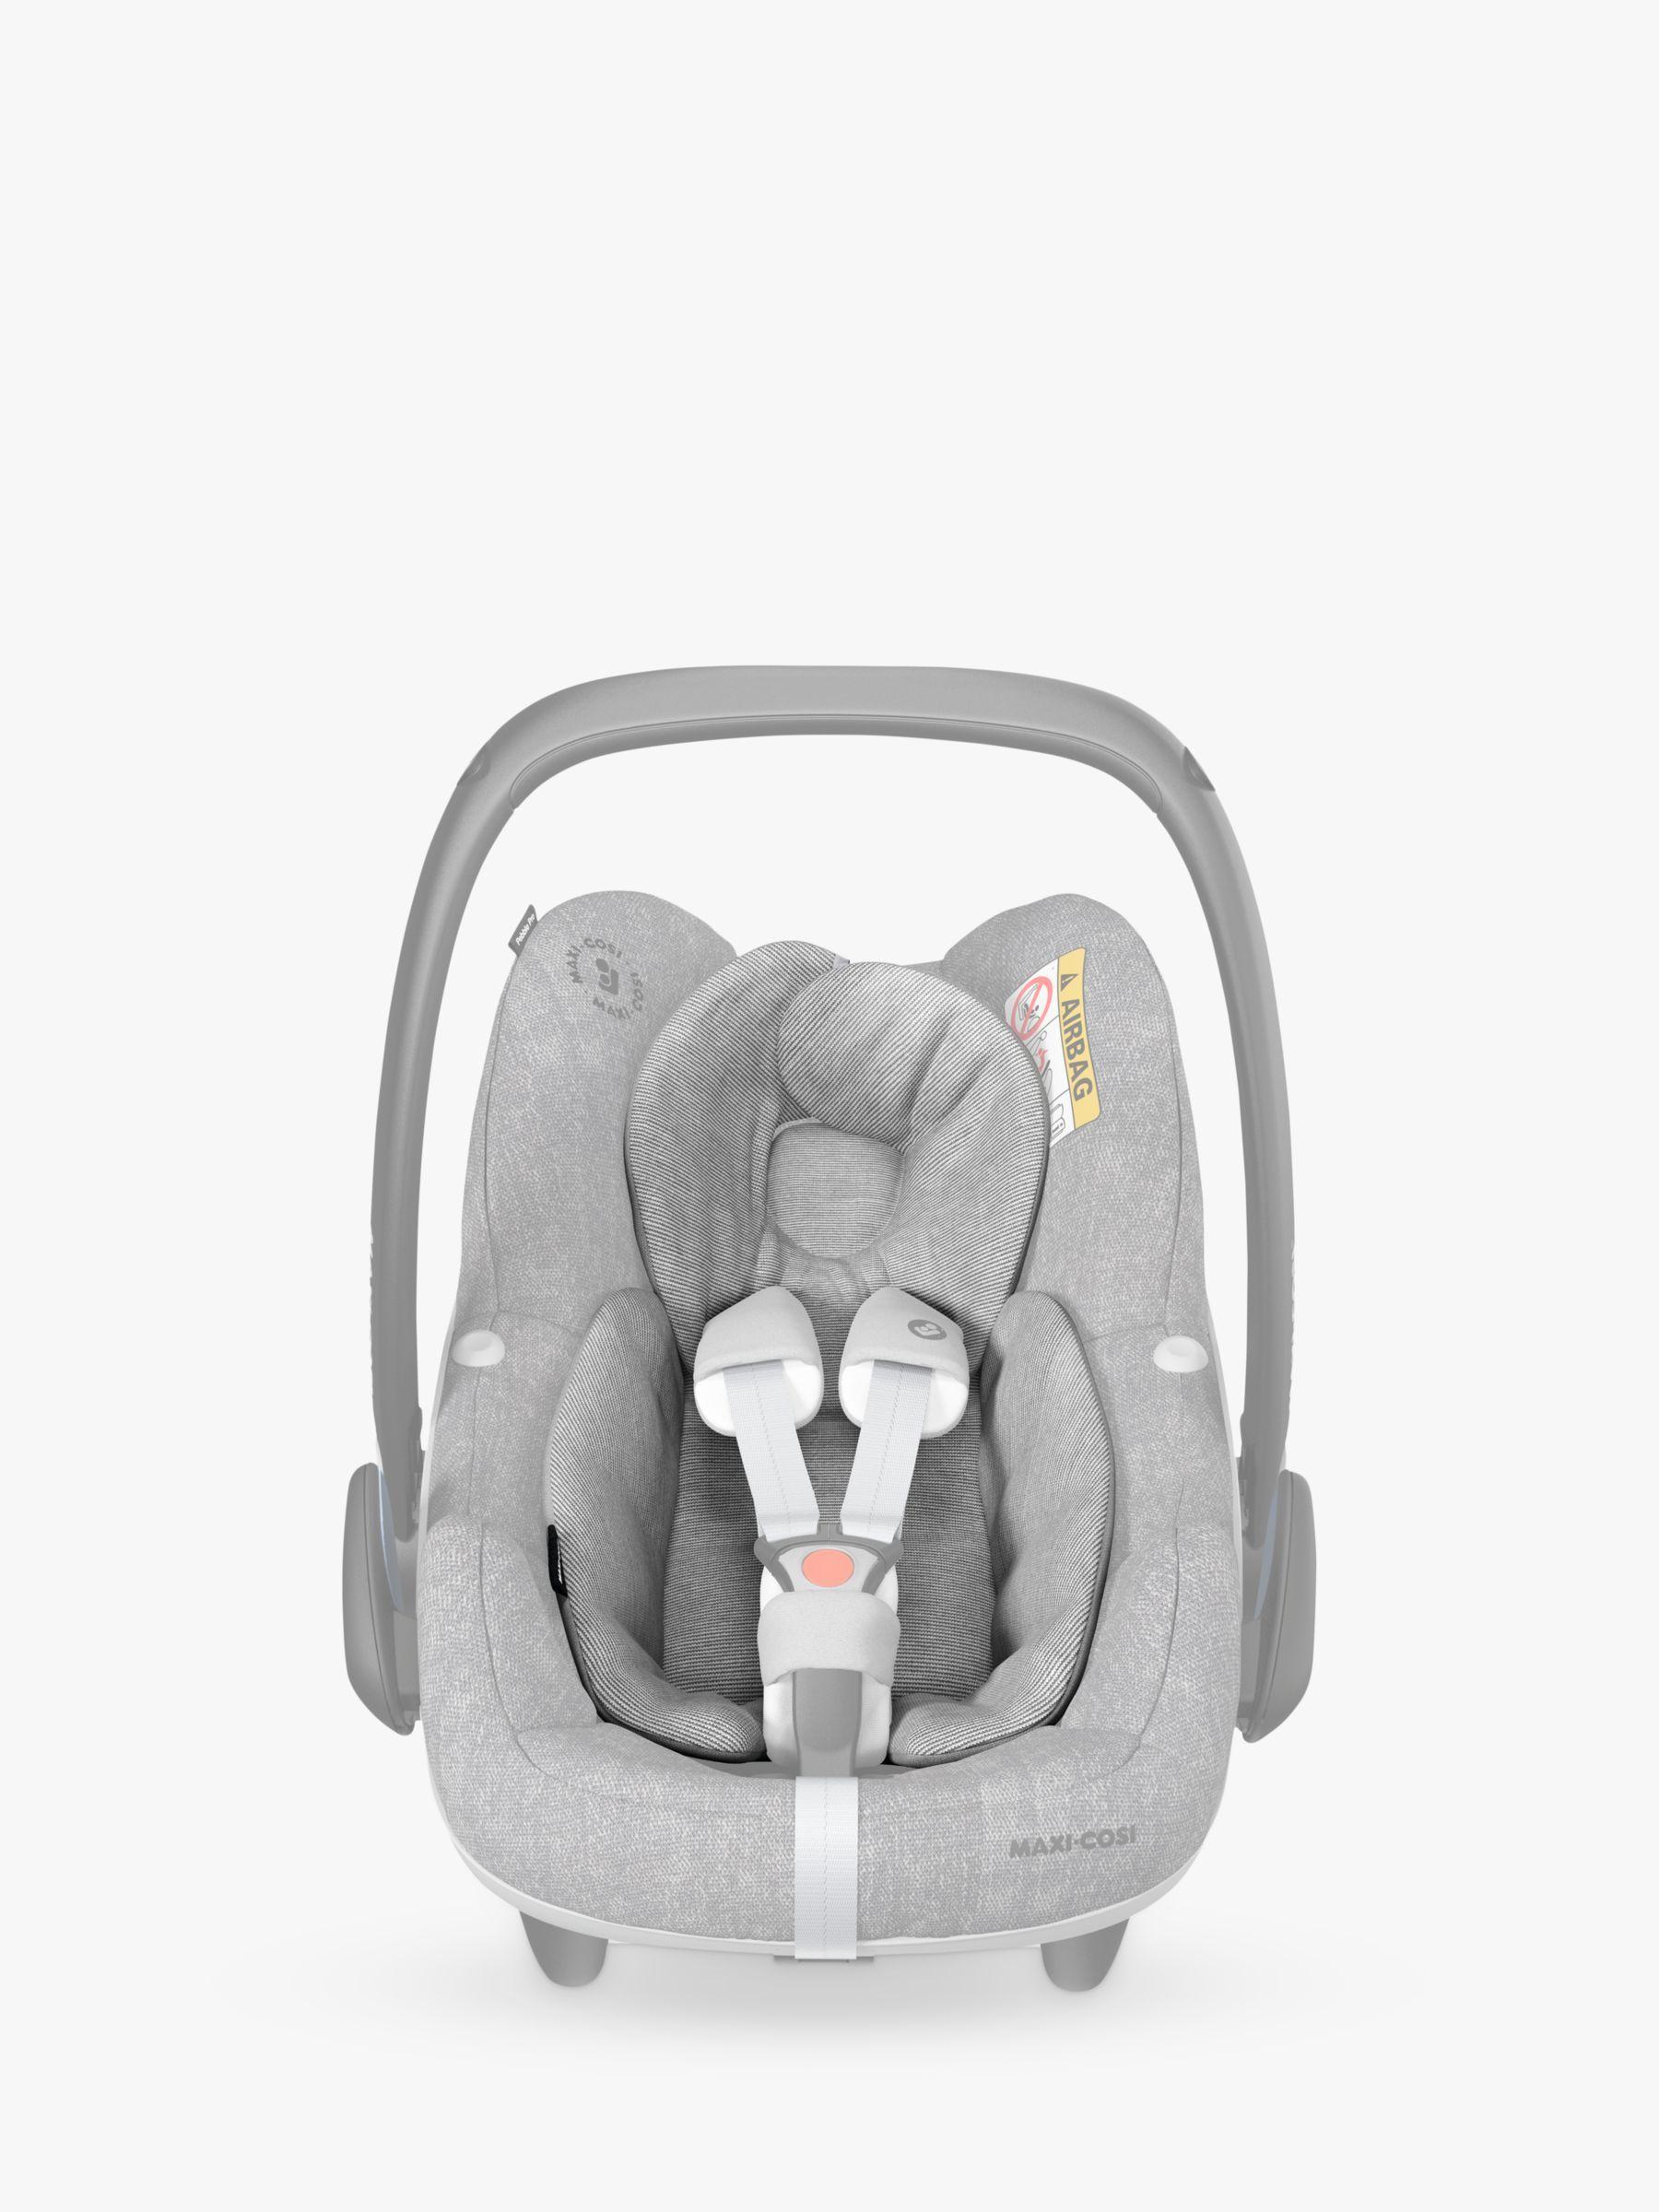 Maxi Cosi Pebble Pro I Size Group 0 Baby Car Seat Nomad Grey Baby Car Seats Car Seats Maxi Cosi